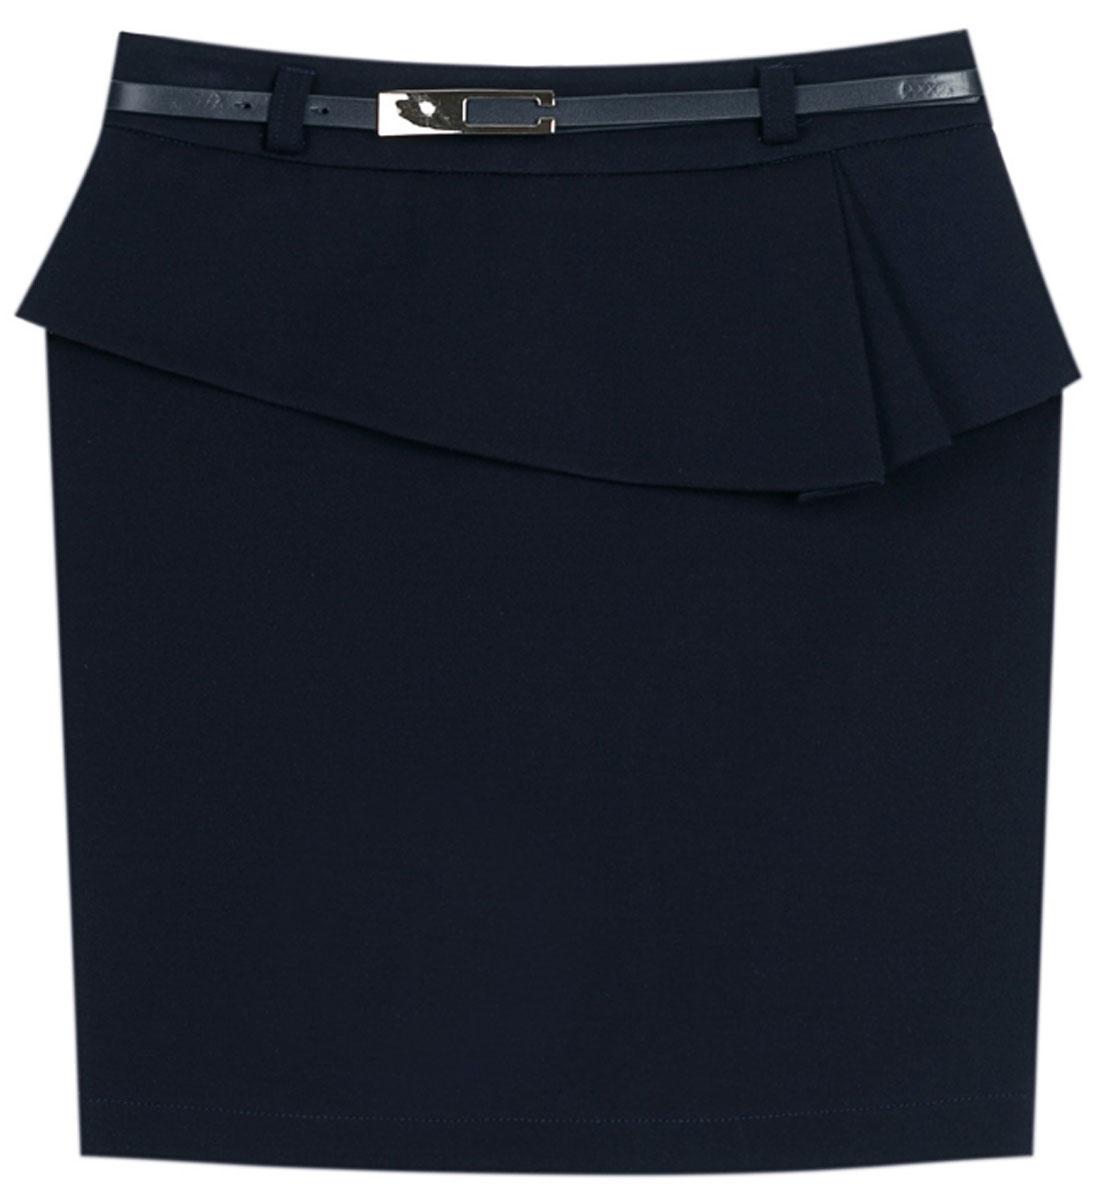 Юбка для девочки Vitacci, цвет: синий. 2173043L-04. Размер 164 юбка для девочки vitacci цвет черный 2173043l 03 размер 164